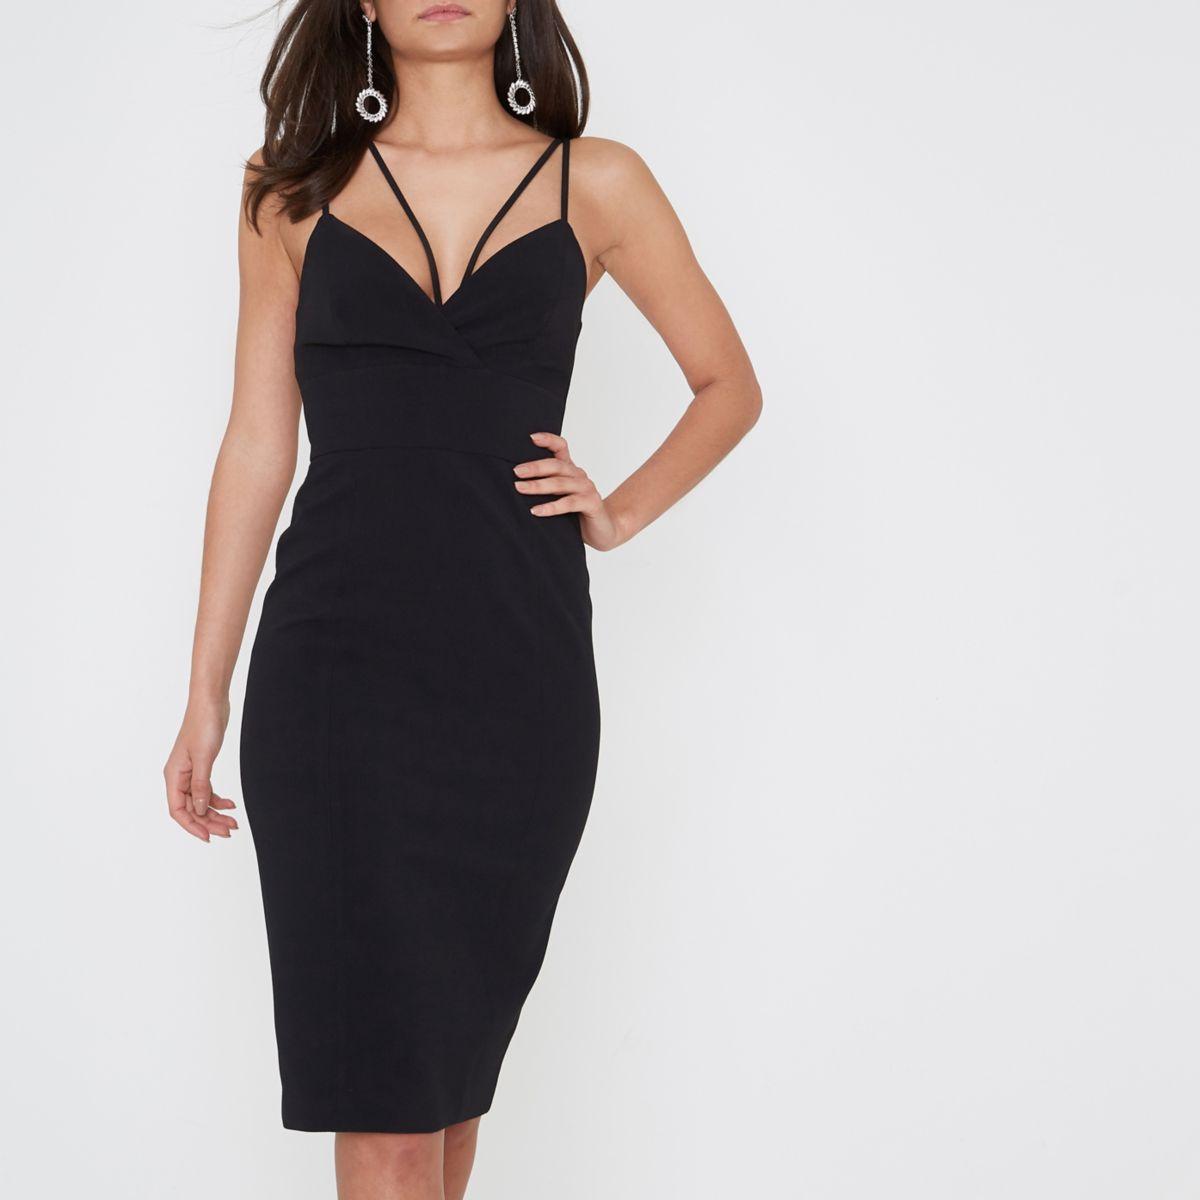 Black strappy bodycon midi dress